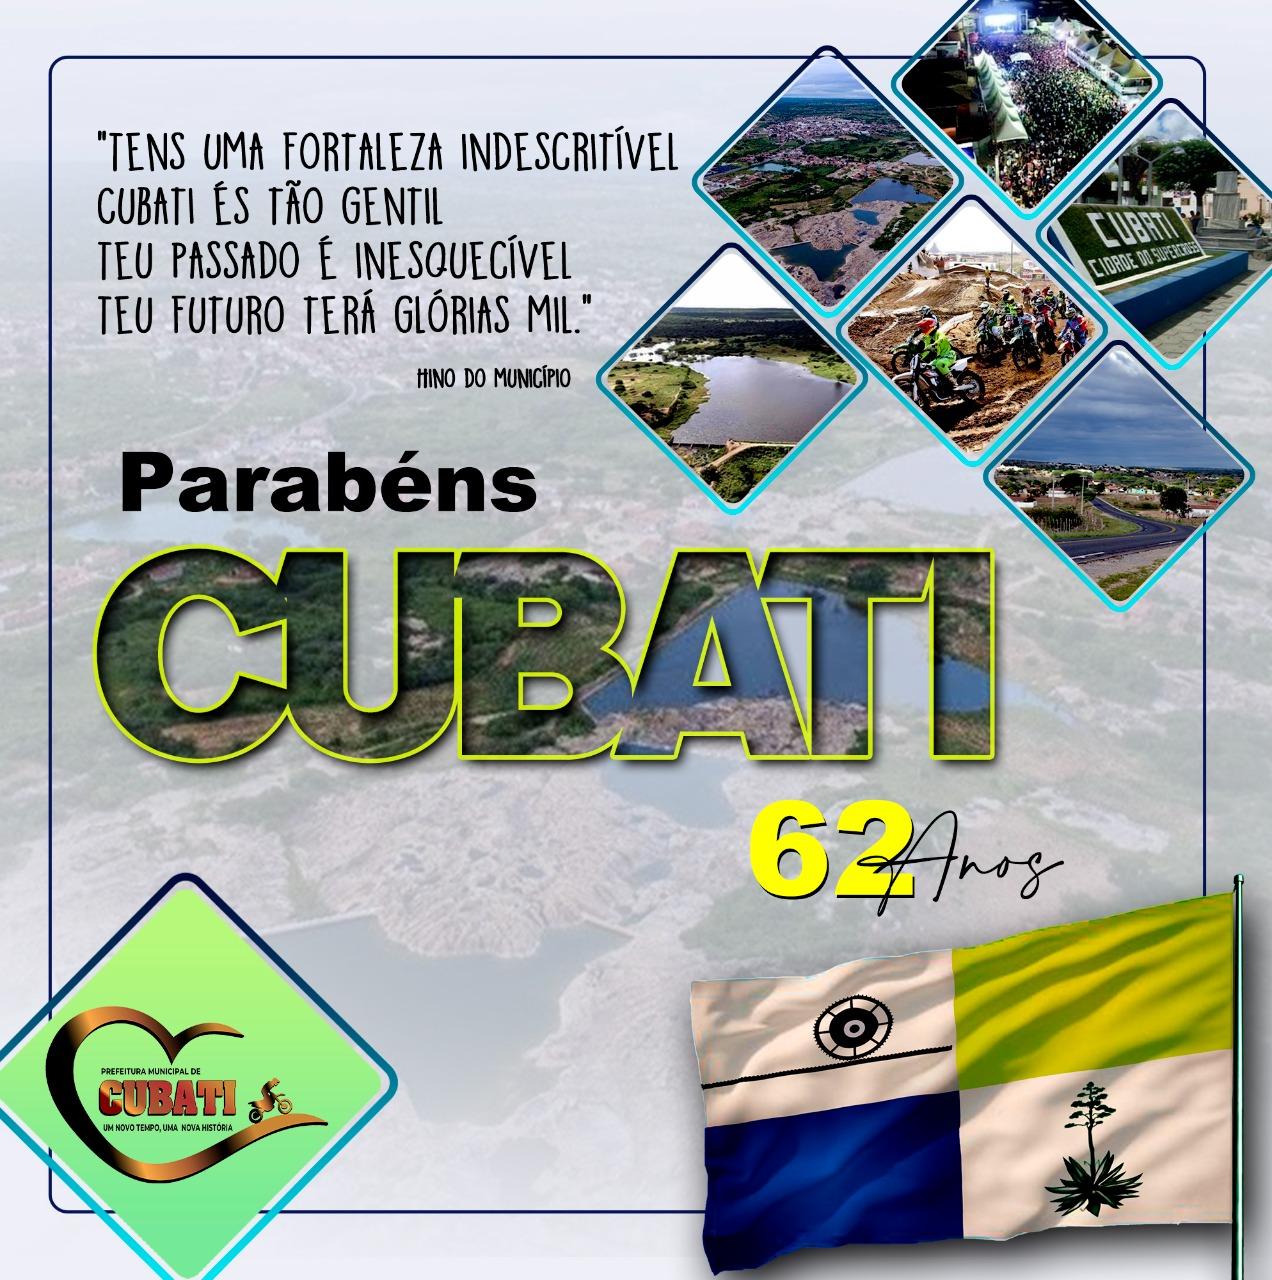 Município de Cubati comemora seus 62 anos de emancipação política